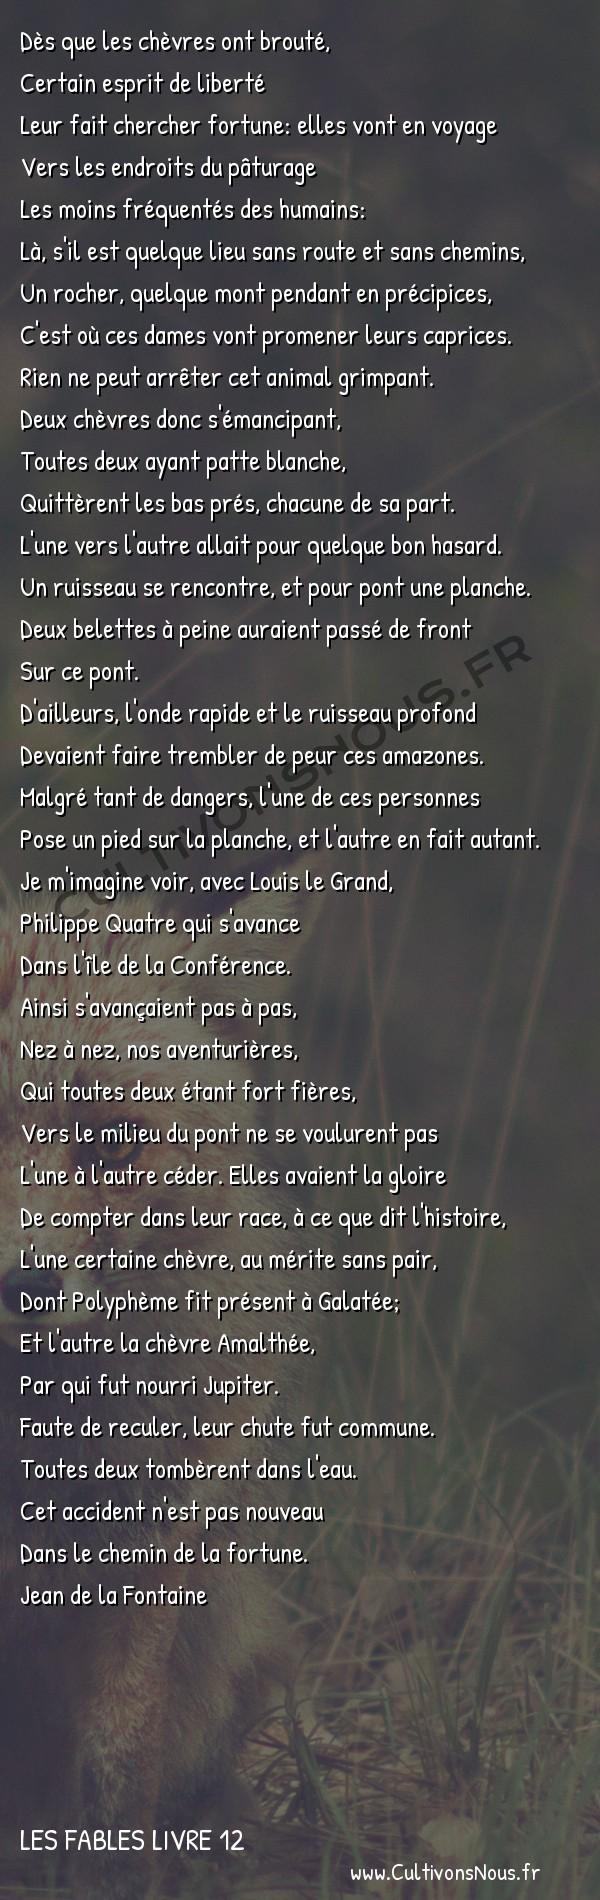 Fables Jean de la Fontaine - Les fables Livre 12 - Les deux chèvres -   Dès que les chèvres ont brouté, Certain esprit de liberté